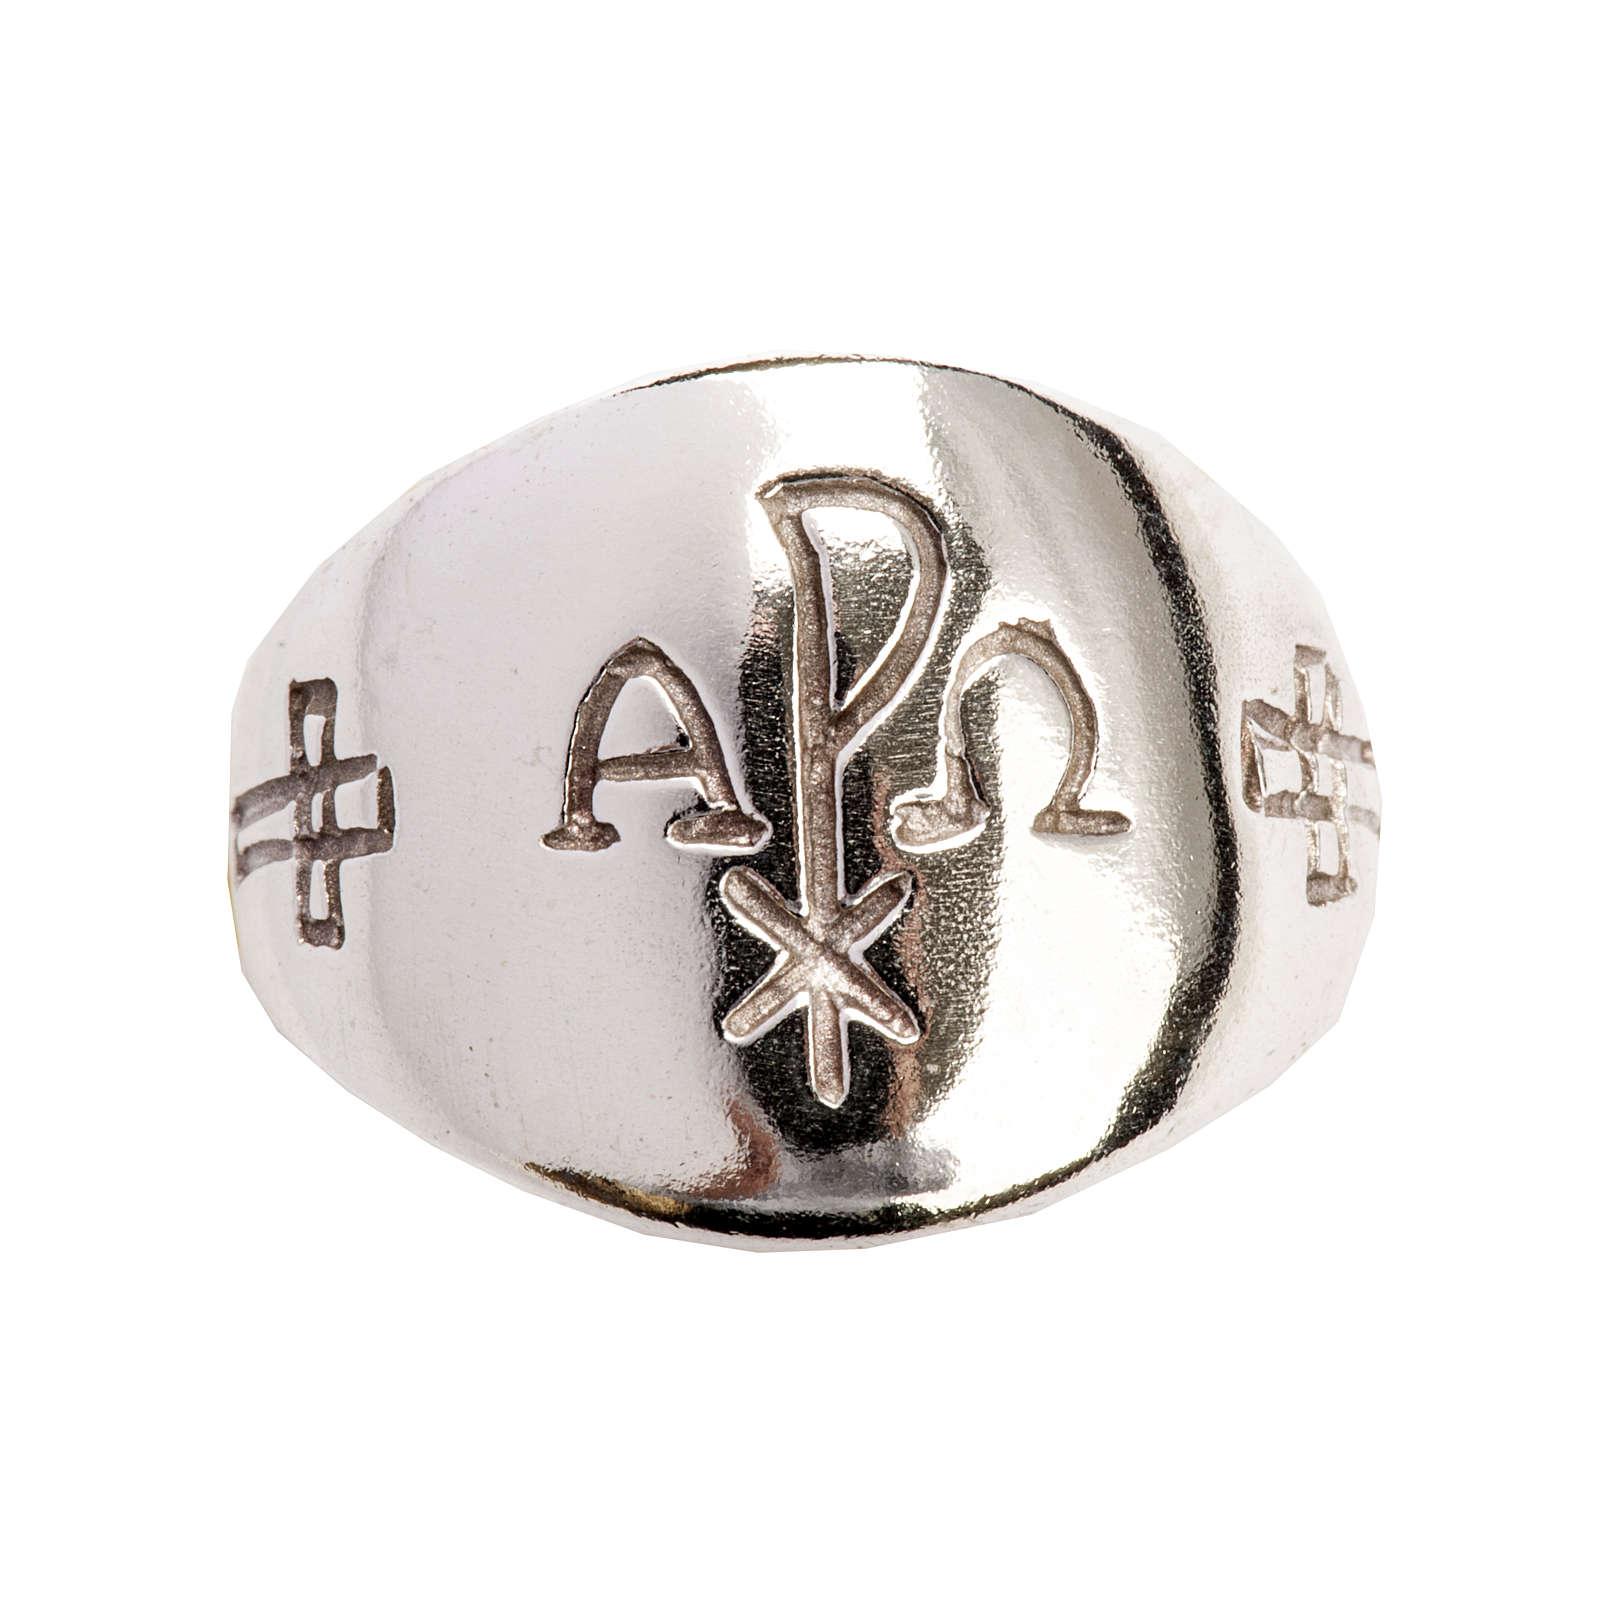 Anello vescovile alfa omega XP argento 925 3